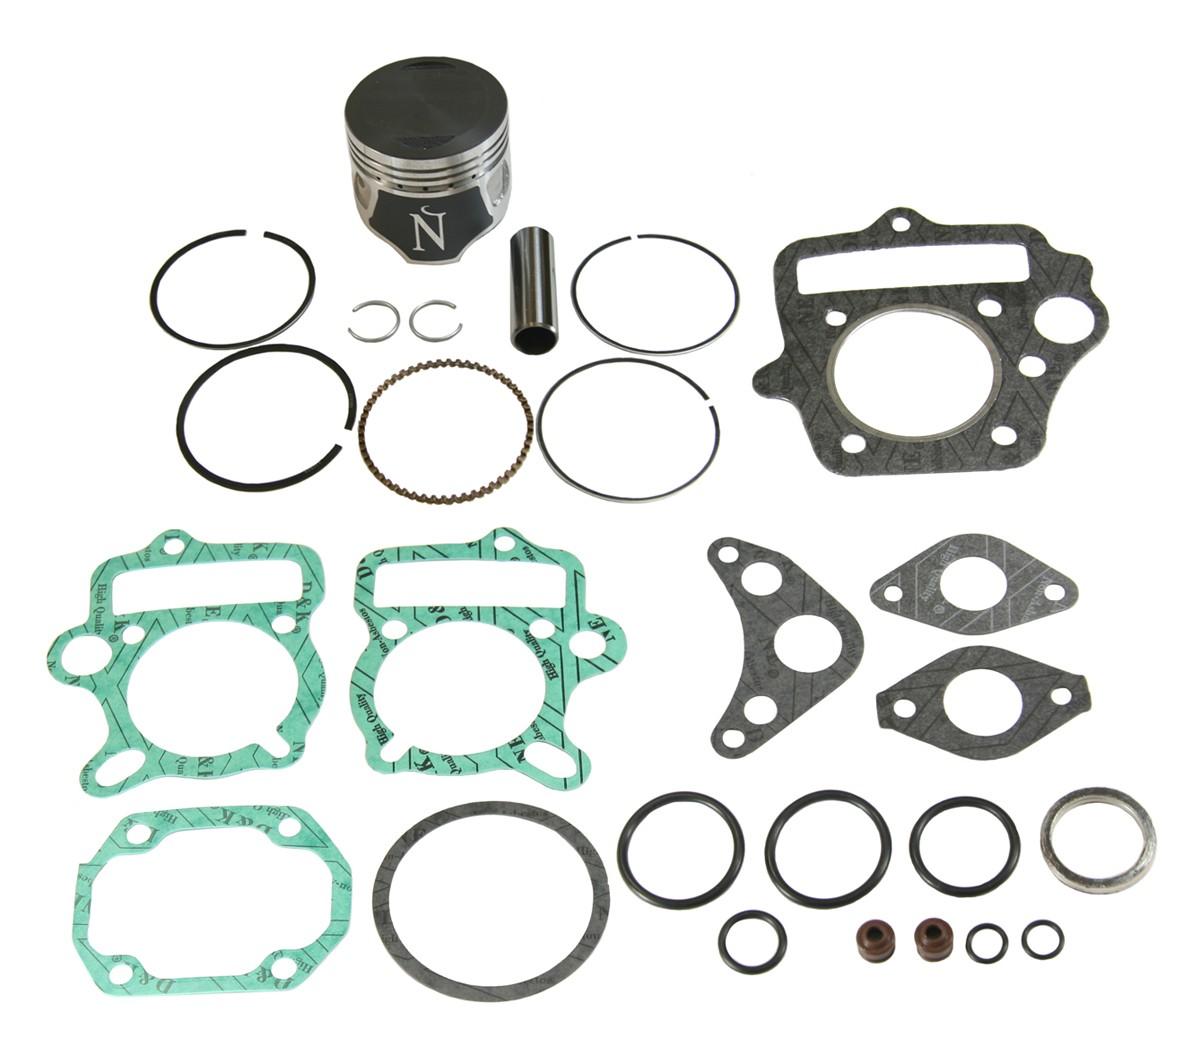 Honda TRX700XX 08-12 JE Piston Kit 11:1 Stock 102mm Bore 308416